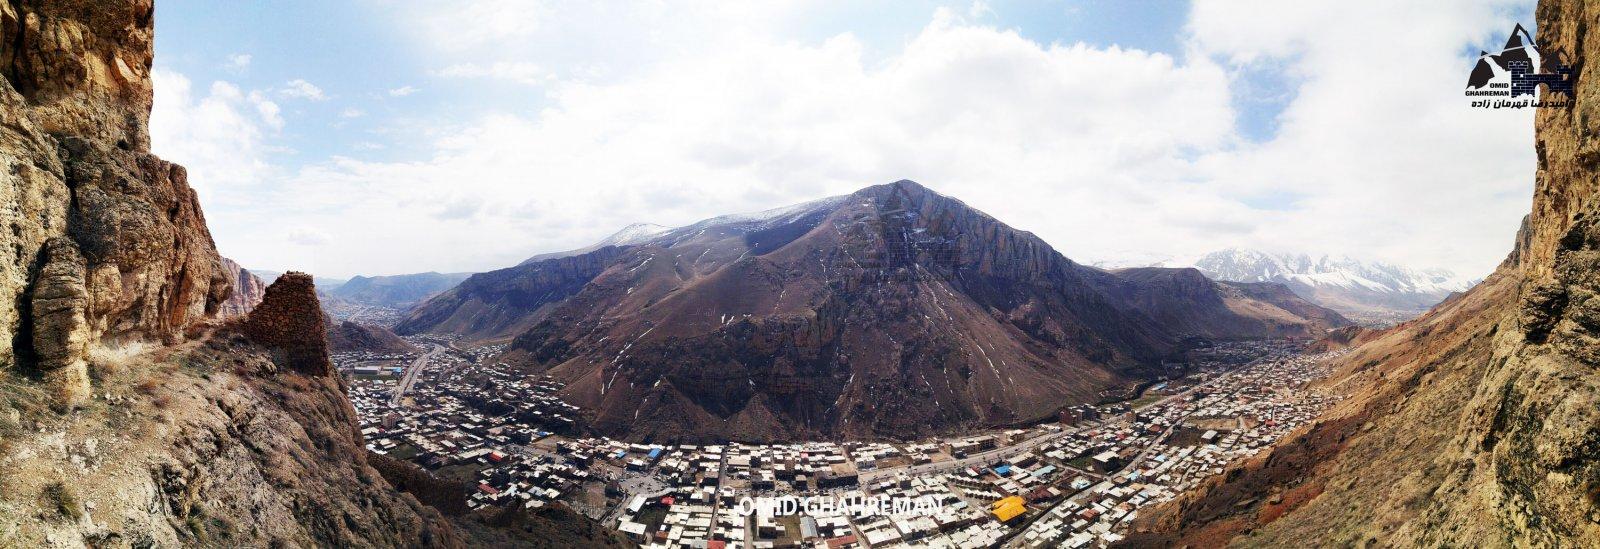 ماکو شهری میان کوهها